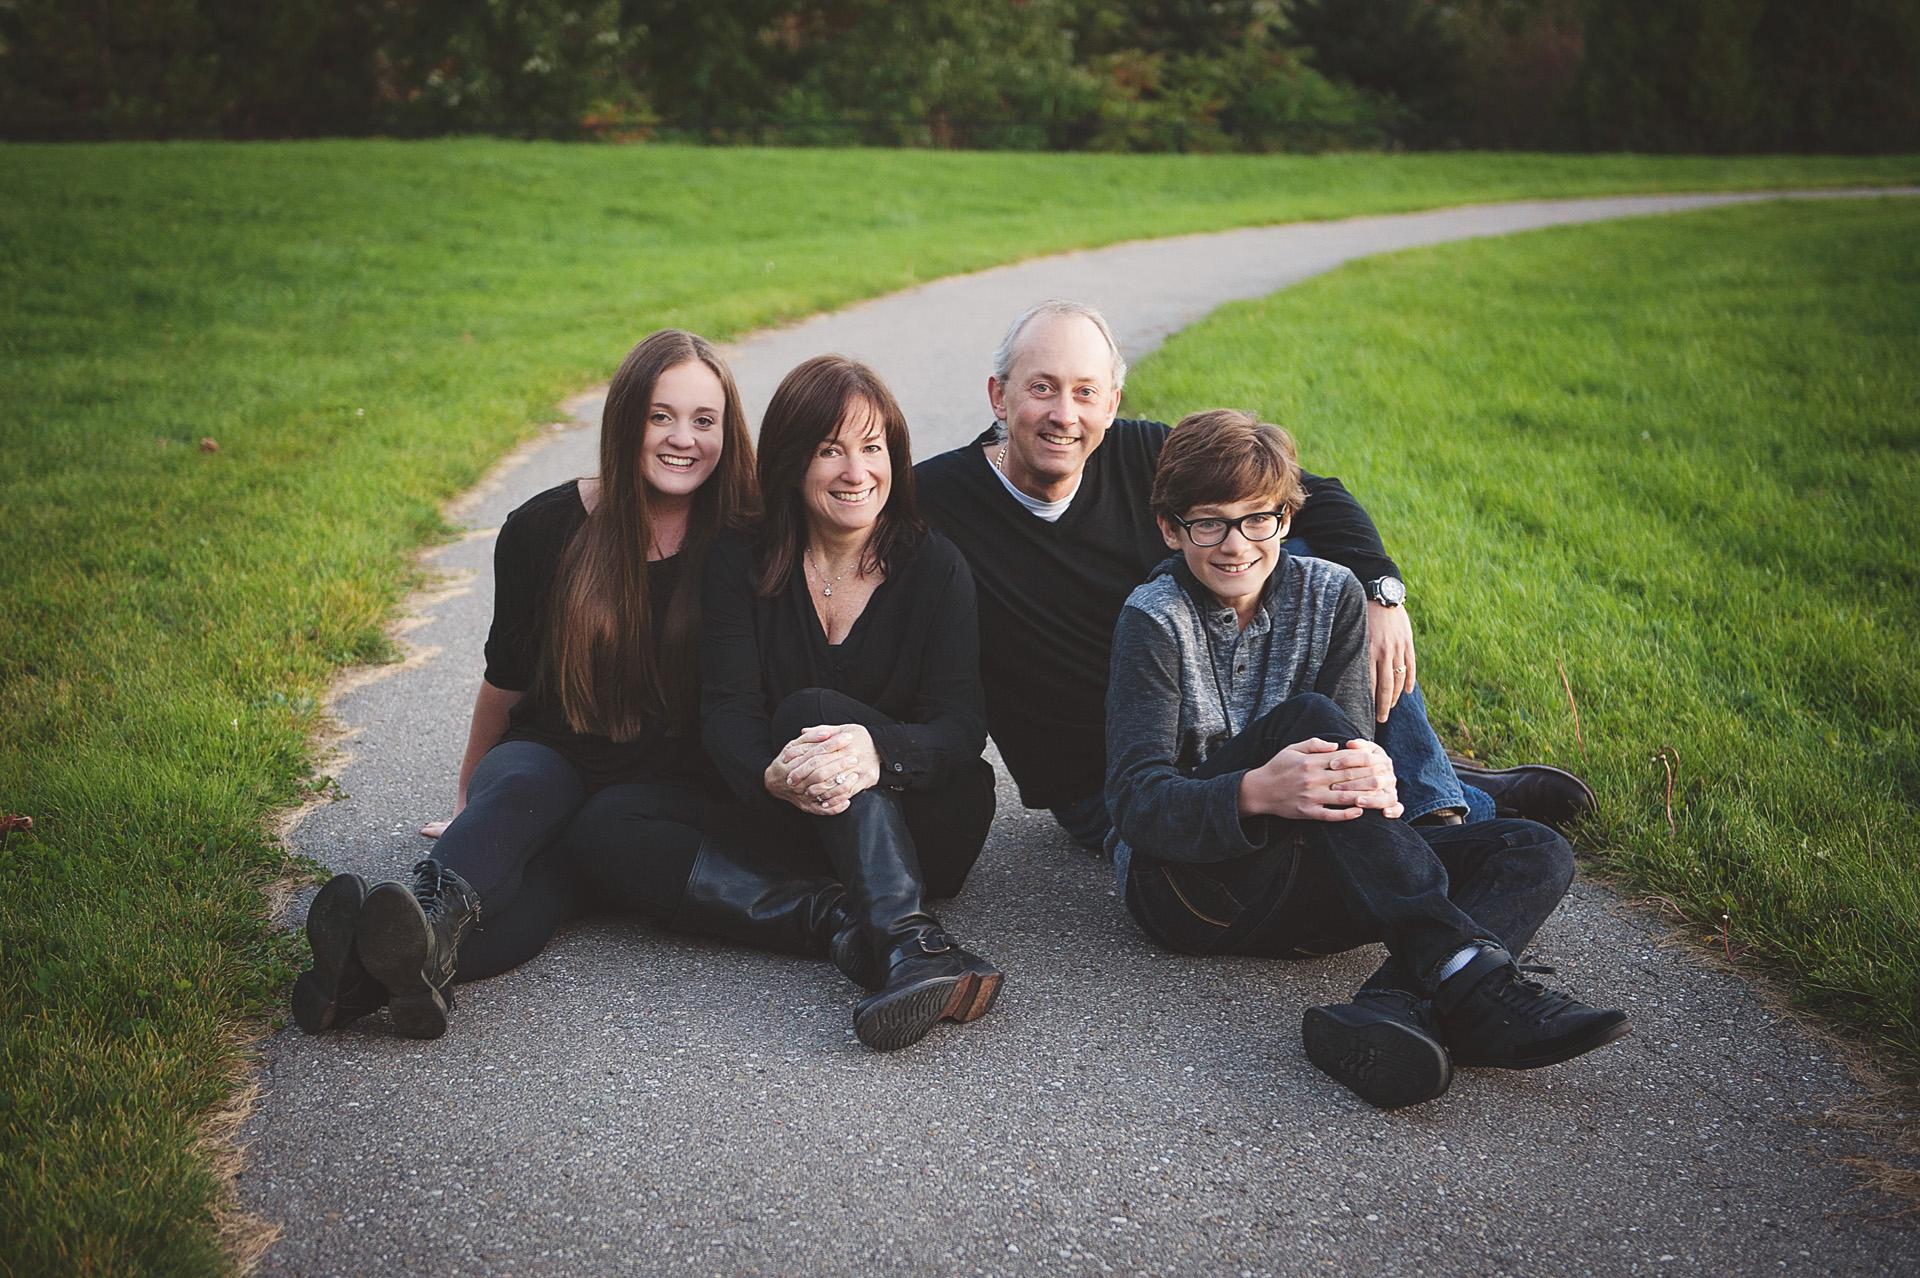 Pasternak-Family-Fall39